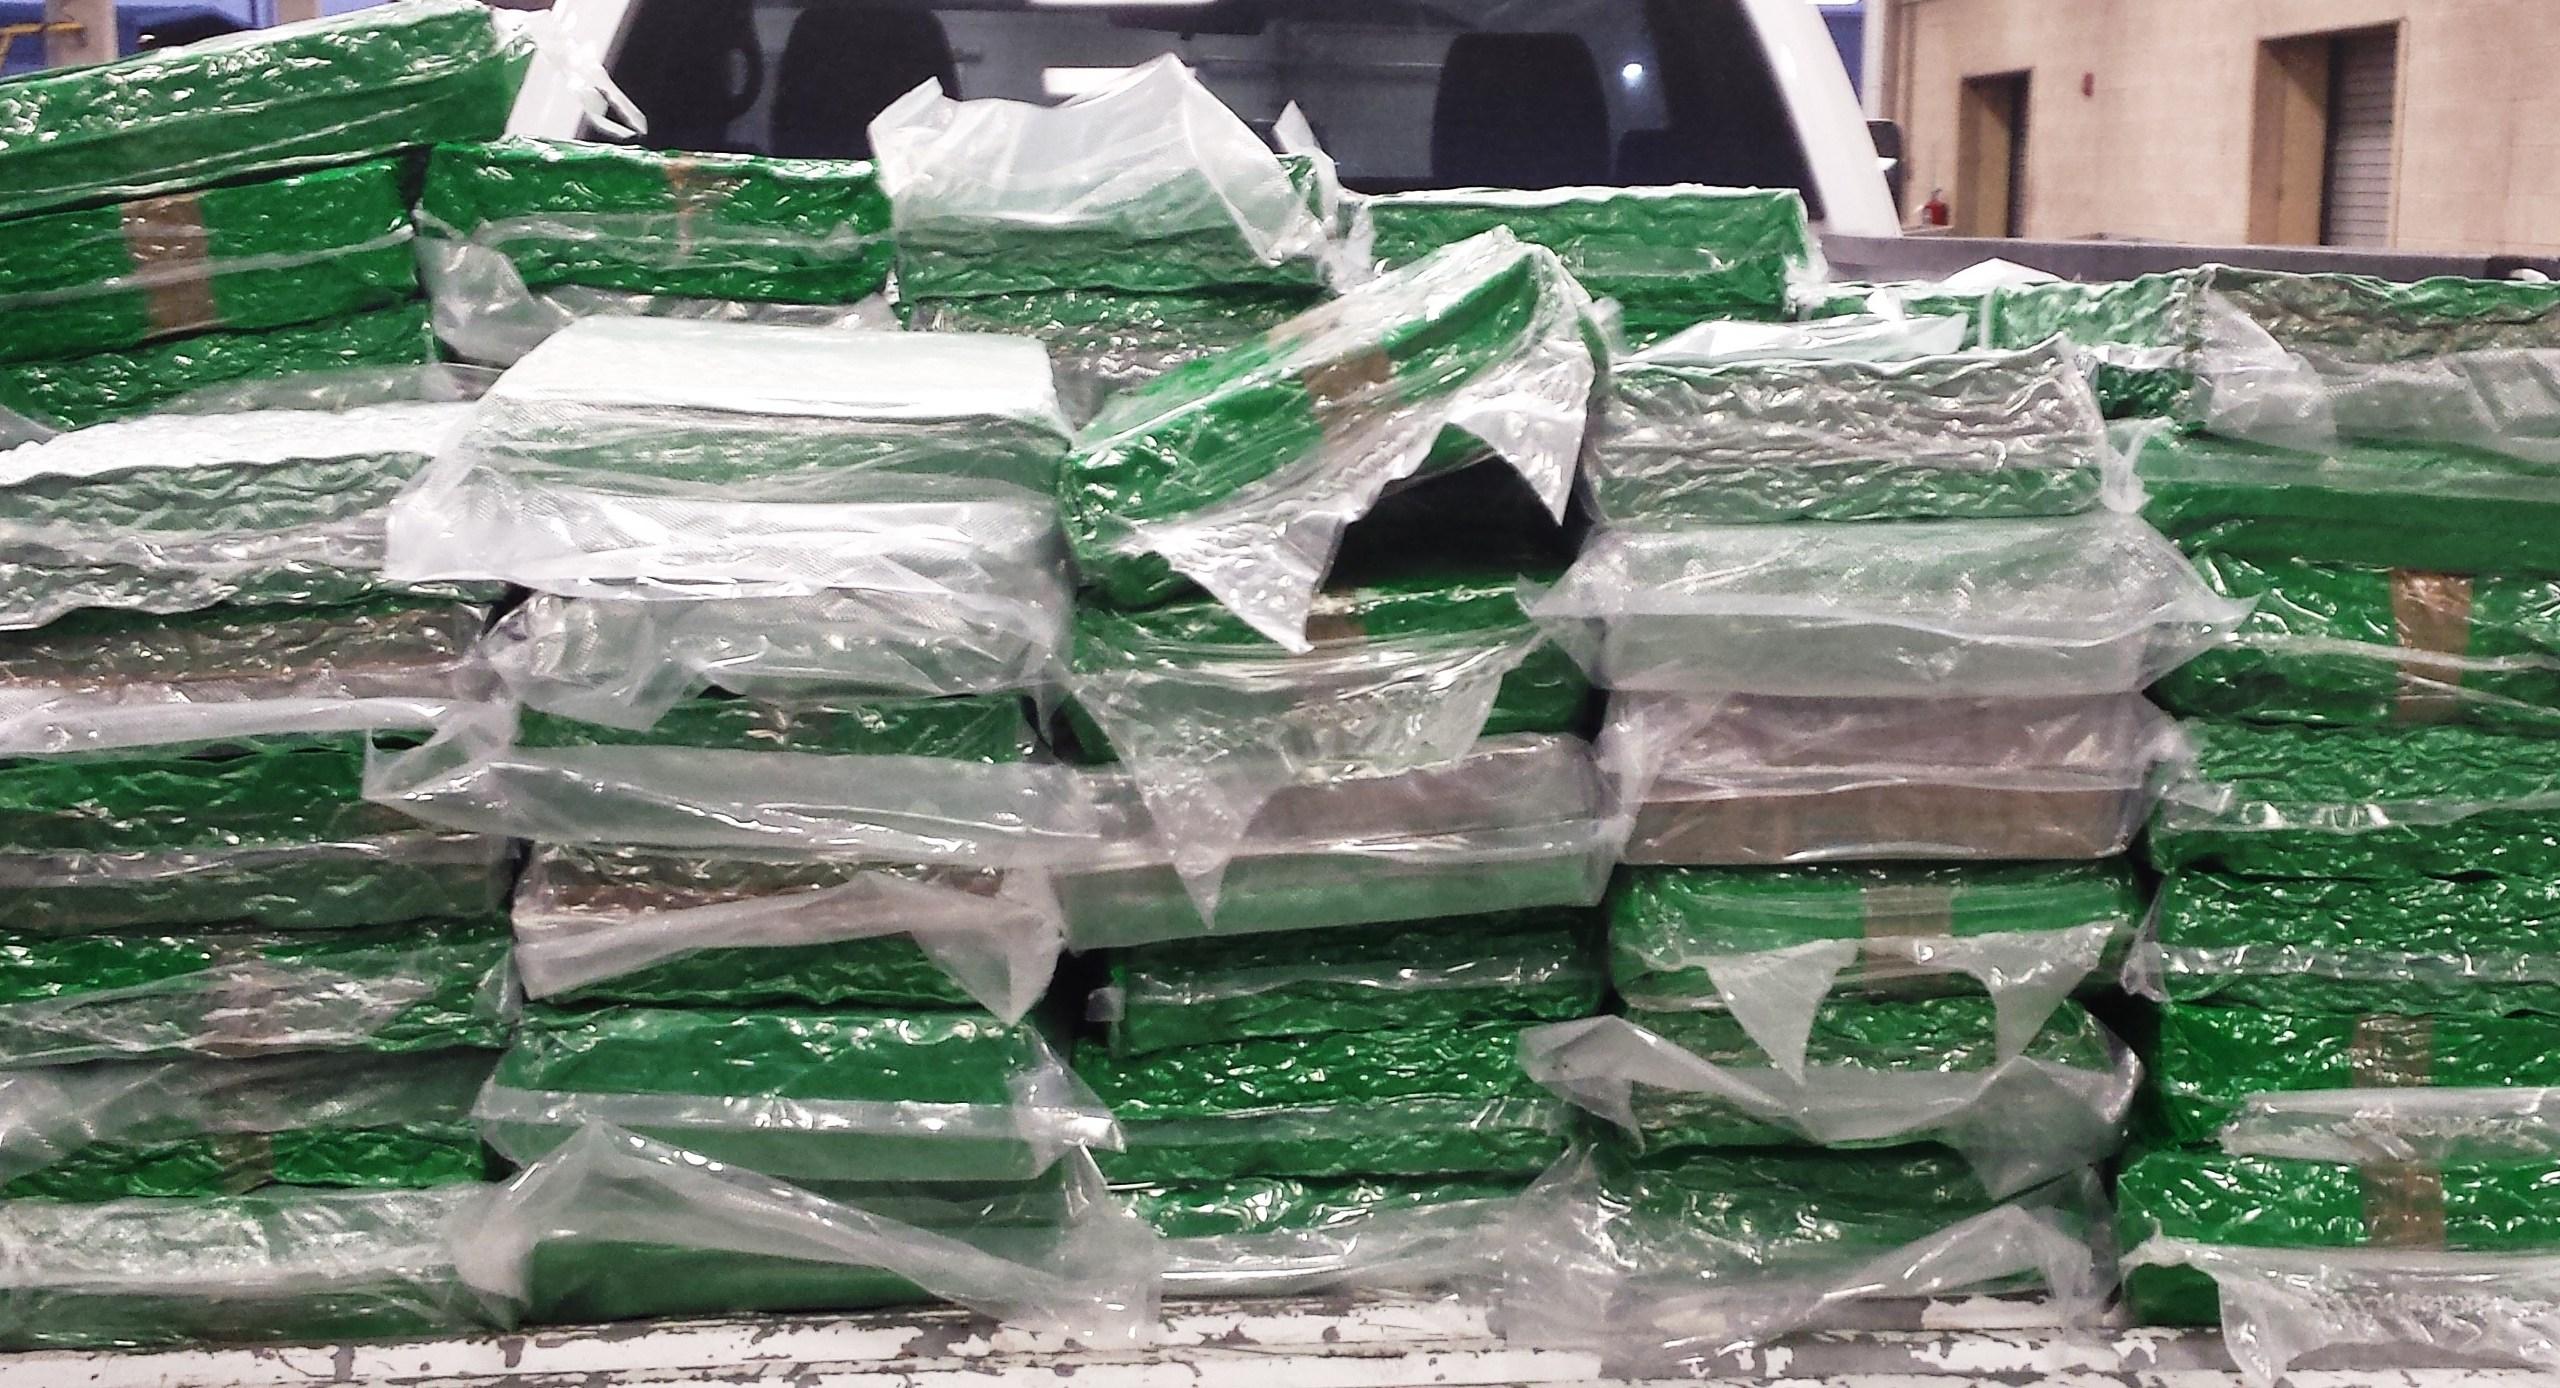 08052016 Pharr MJ in lime shipment 2, Courtesy Hidalgo CBP_1470858503103.JPG